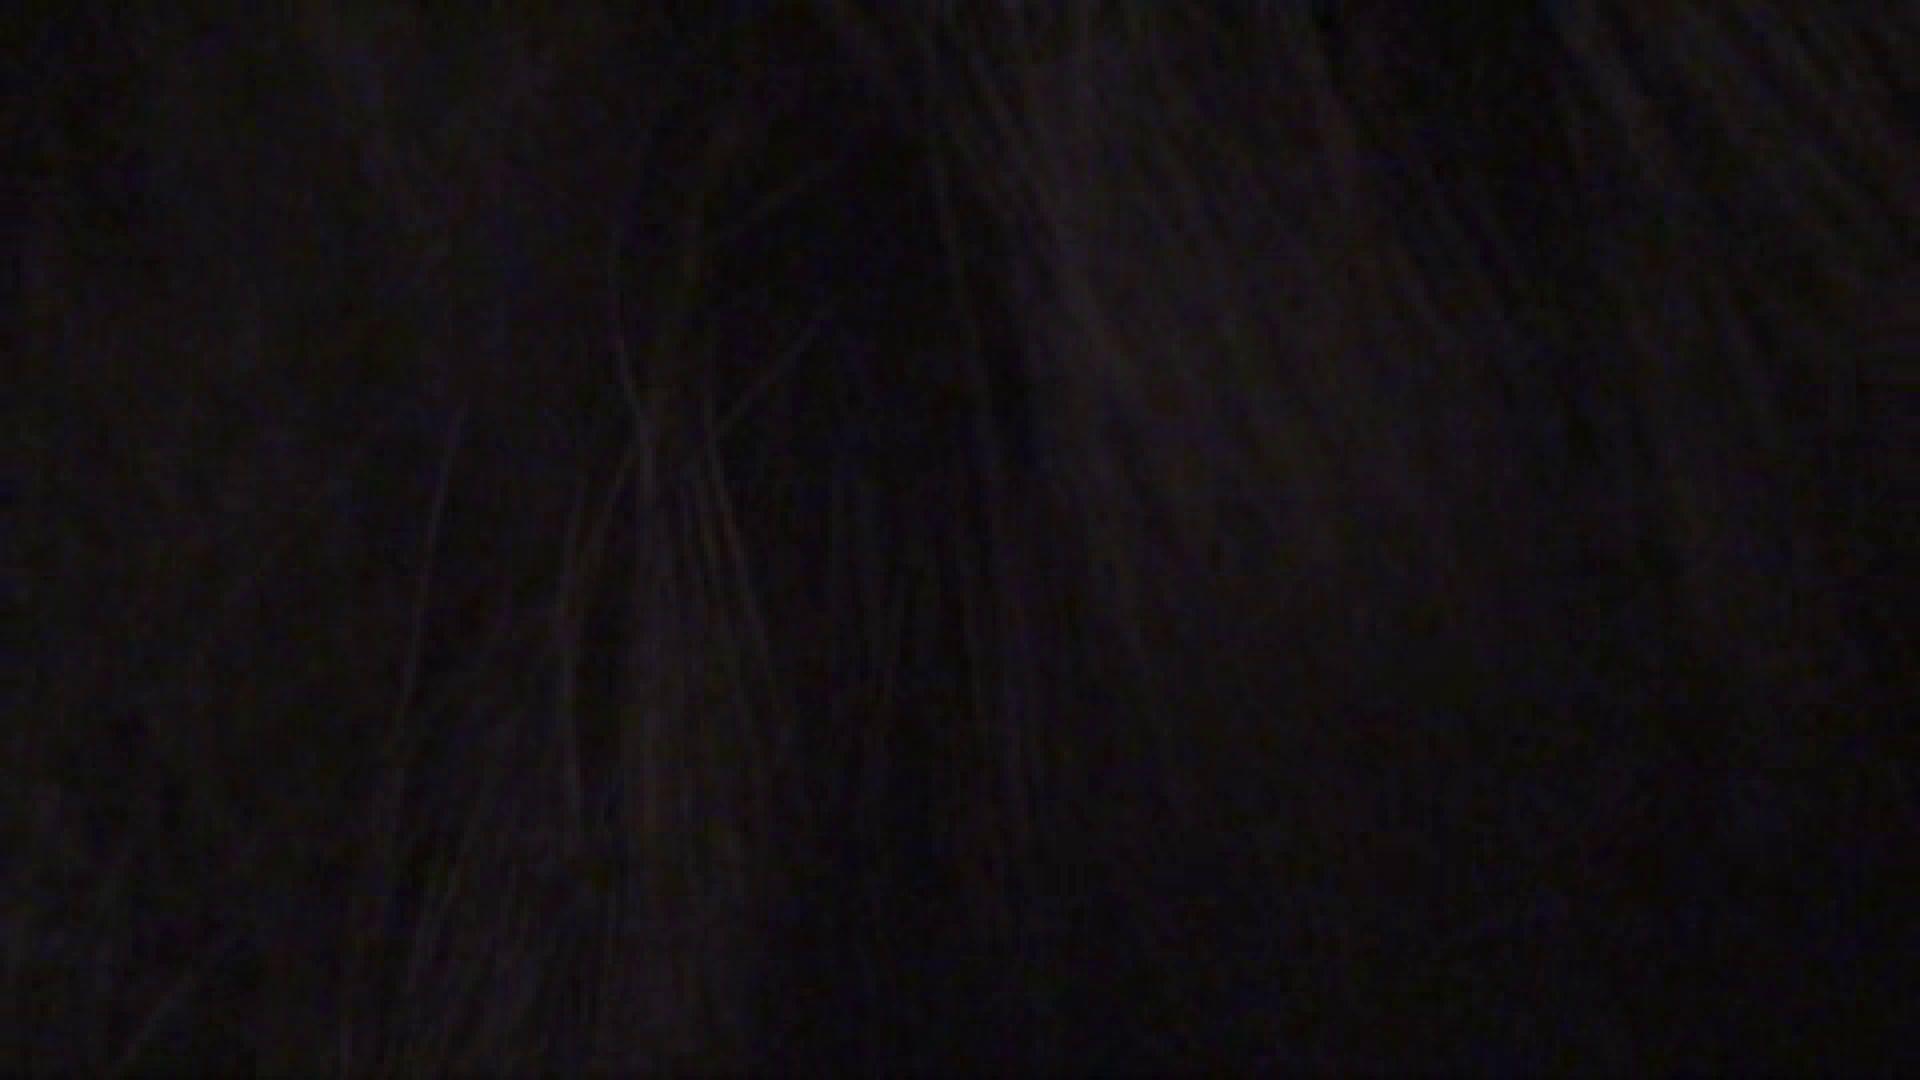 独占配信! ●罪証拠DVD 起きません! vol.14 オマンコ 盗撮われめAV動画紹介 107連発 93